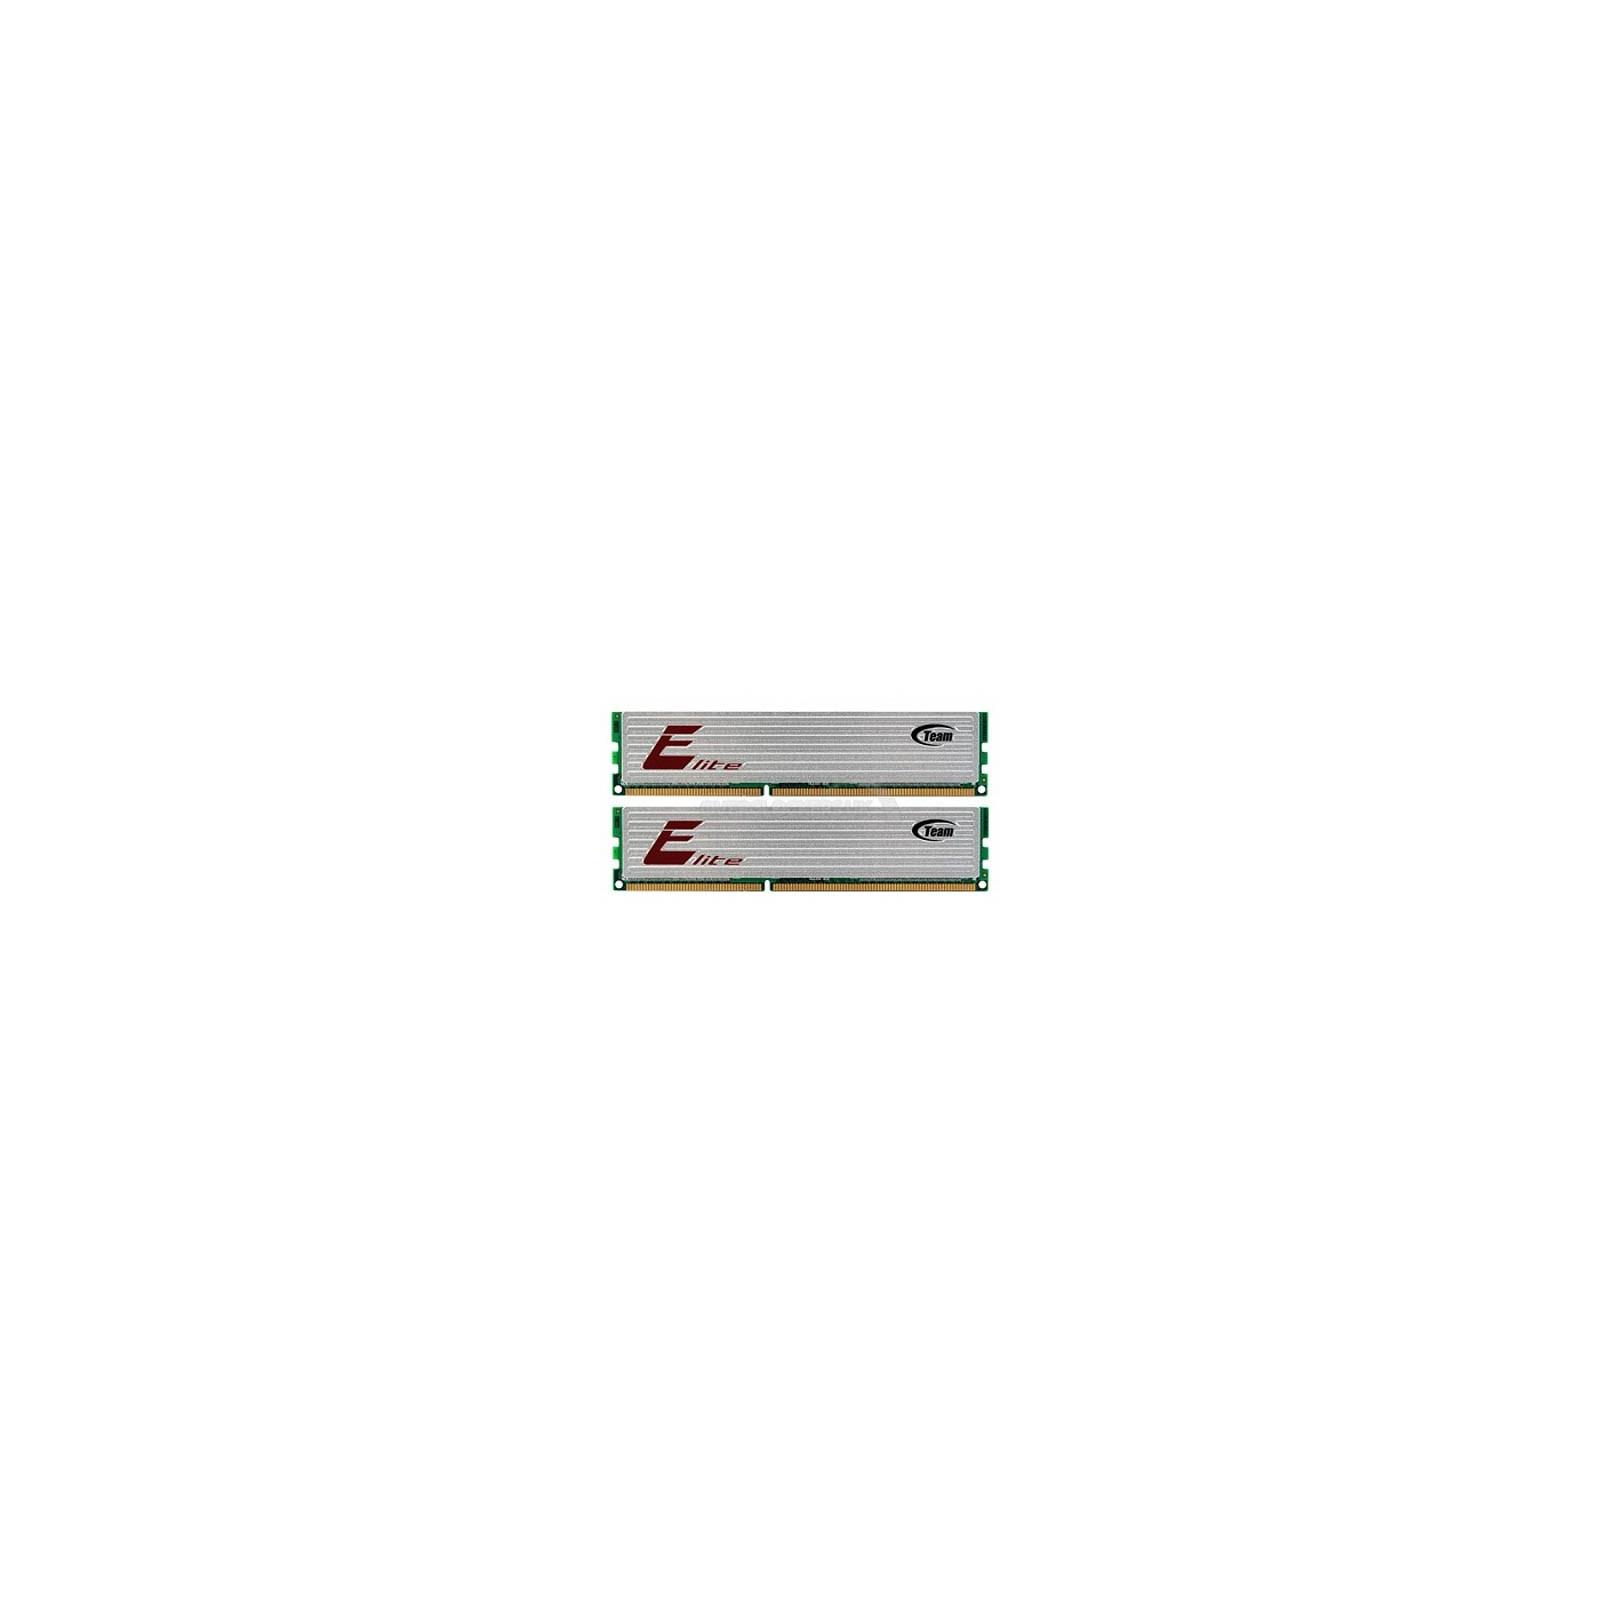 Модуль памяти для компьютера DDR3 8GB (2x4GB) 1600 MHz Team (TED38GM1600HC11DC01 / TED38G1600HC11DC01)